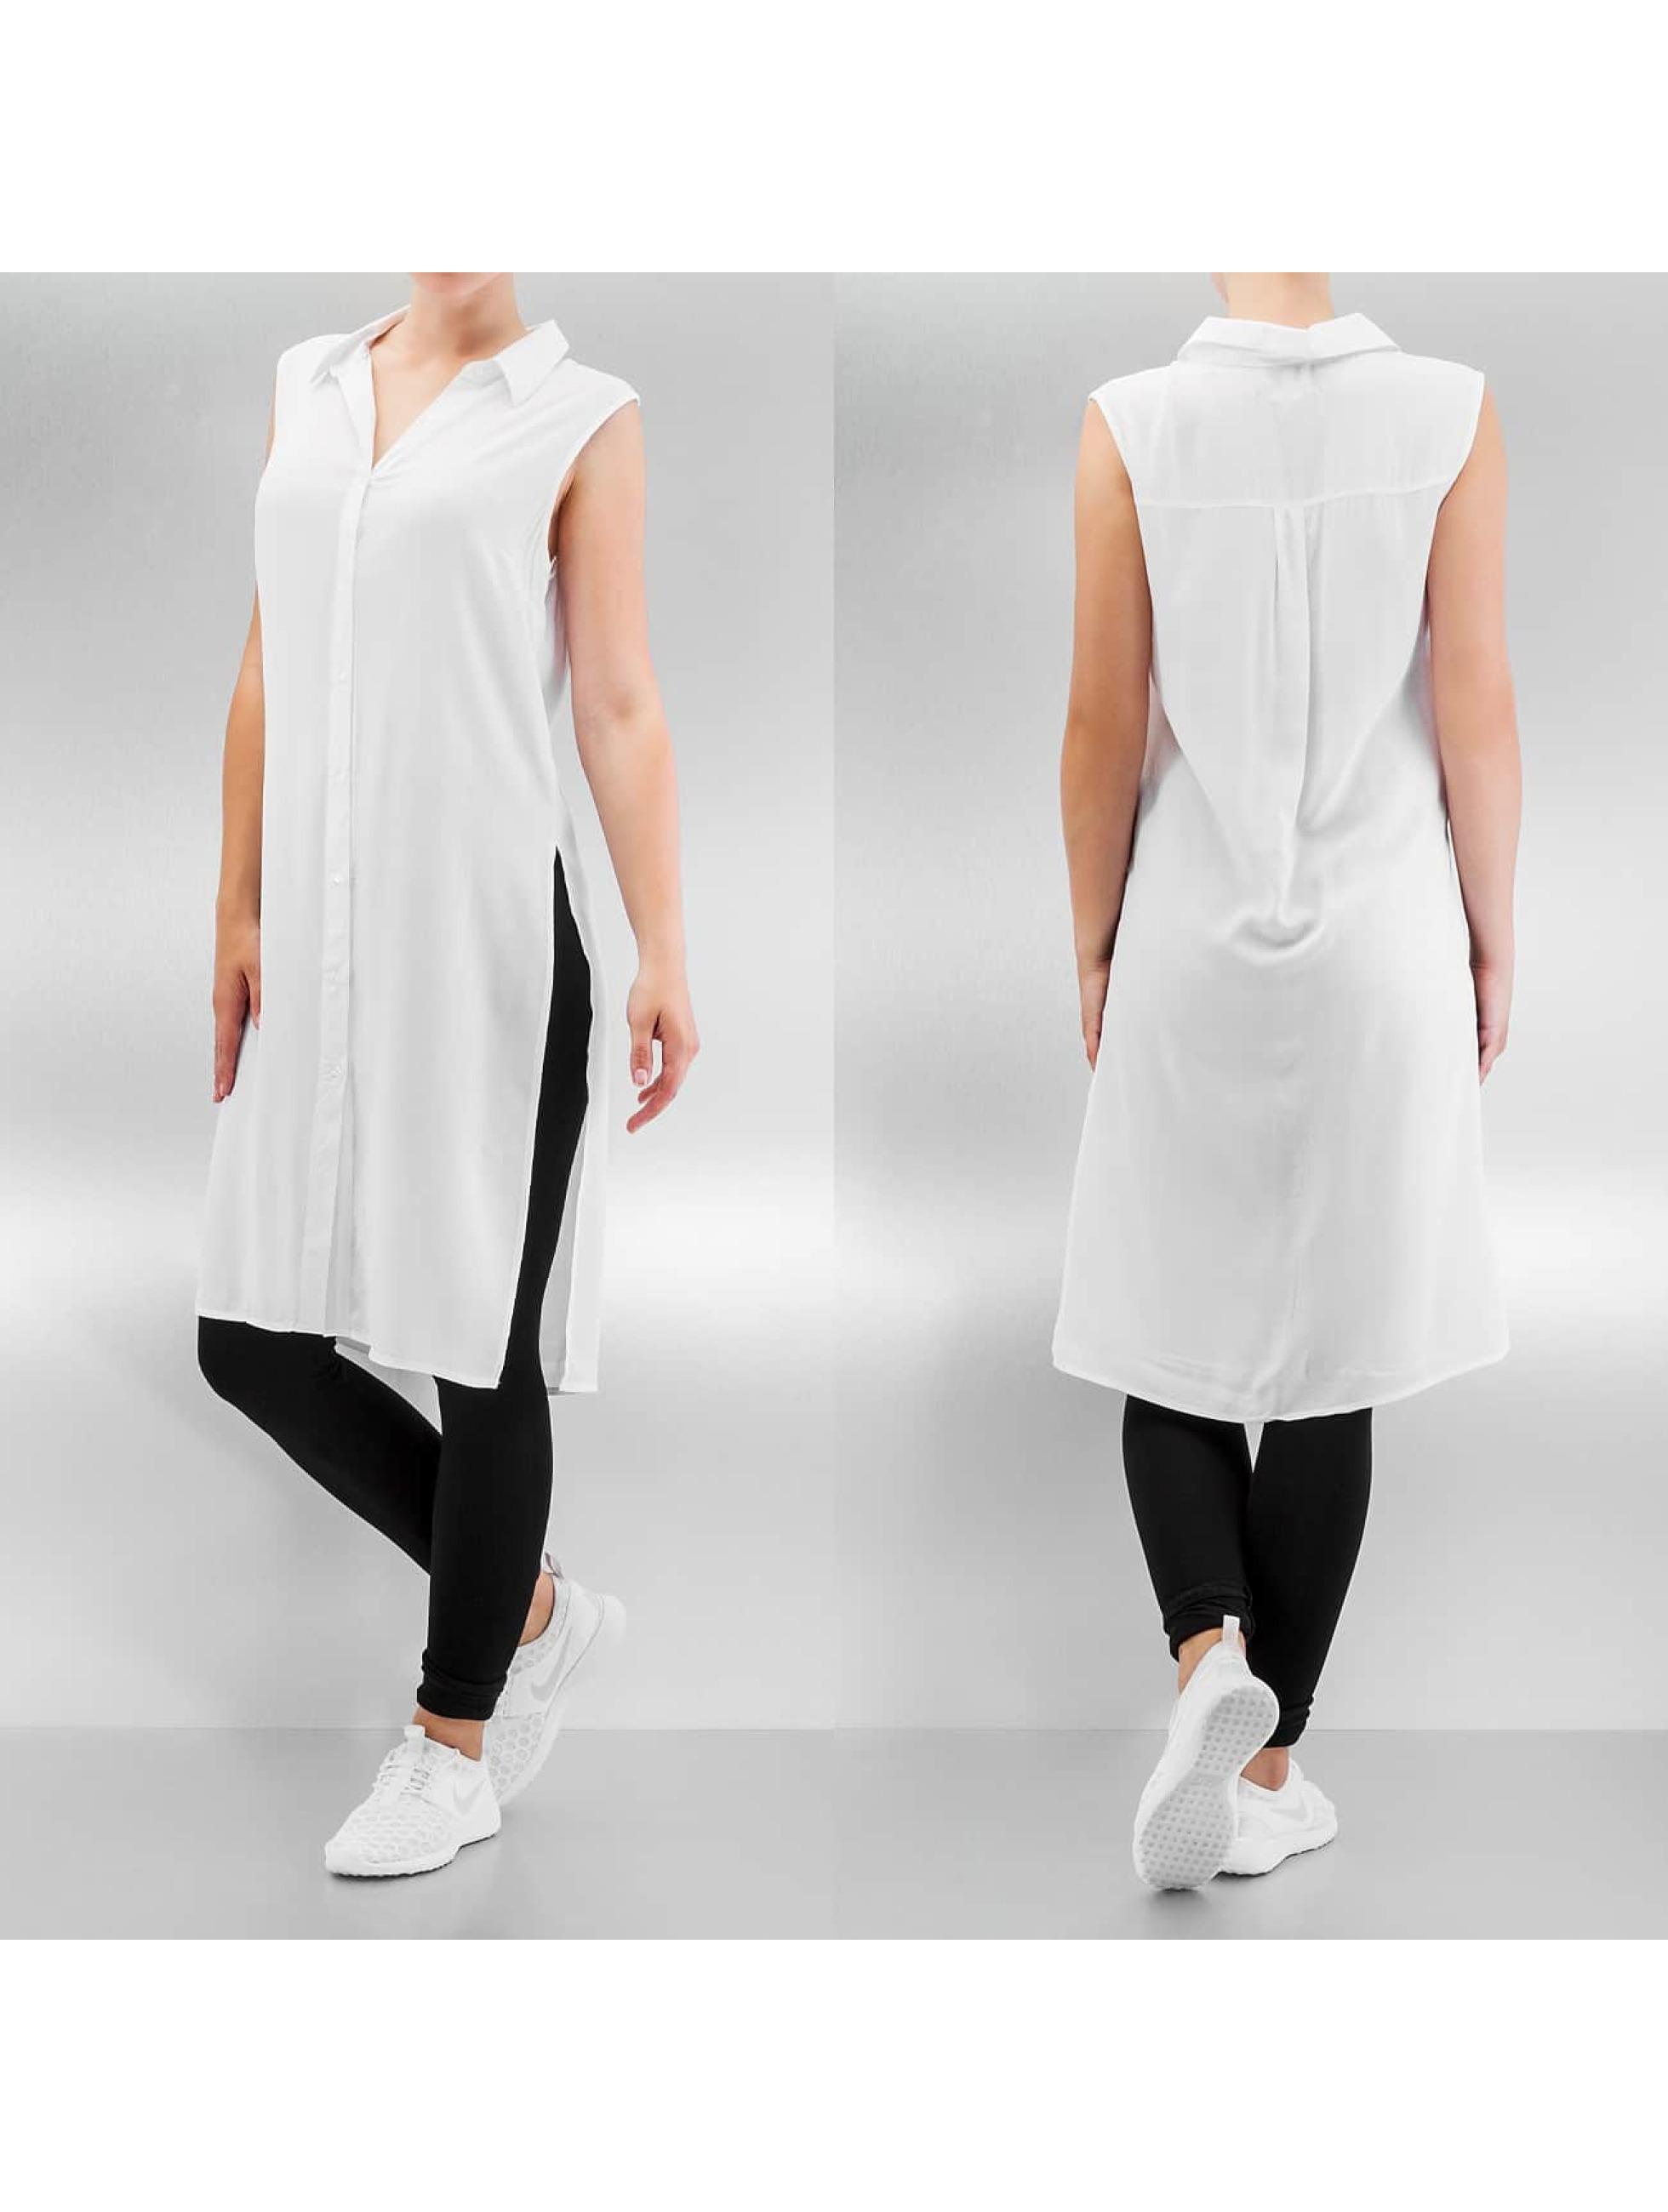 Bluse Elora in weiß